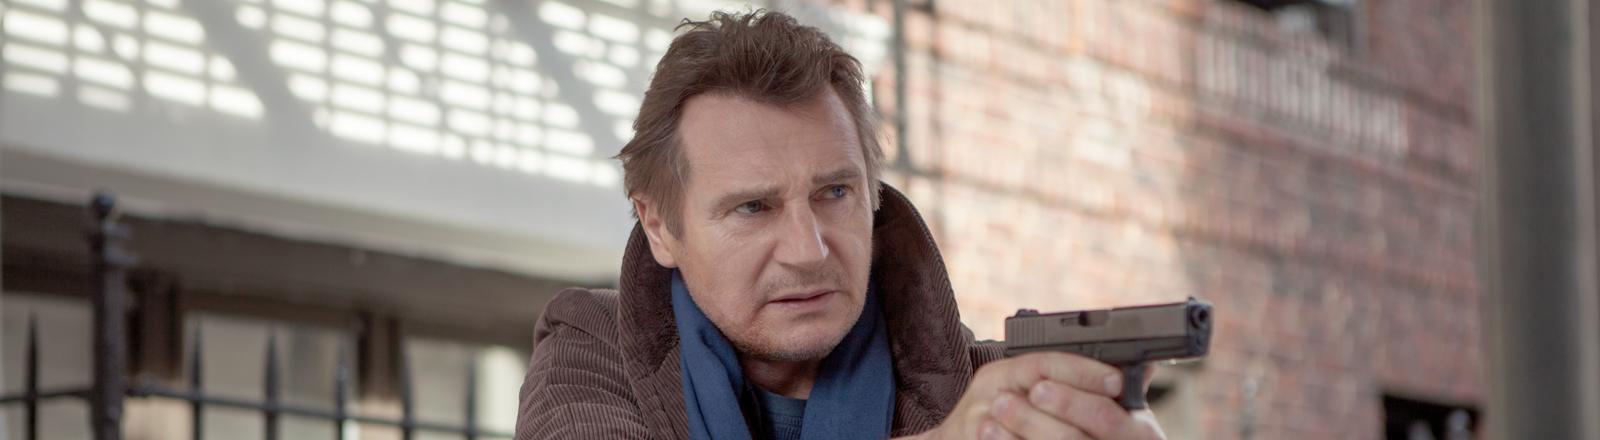 """Ex-CIA-Agent und Familienvater Bryan Mills (Liam Neeson) in einer Szene des Kinofilms """"96 Hours - Taken 3"""" (undatierte Filmszene)."""